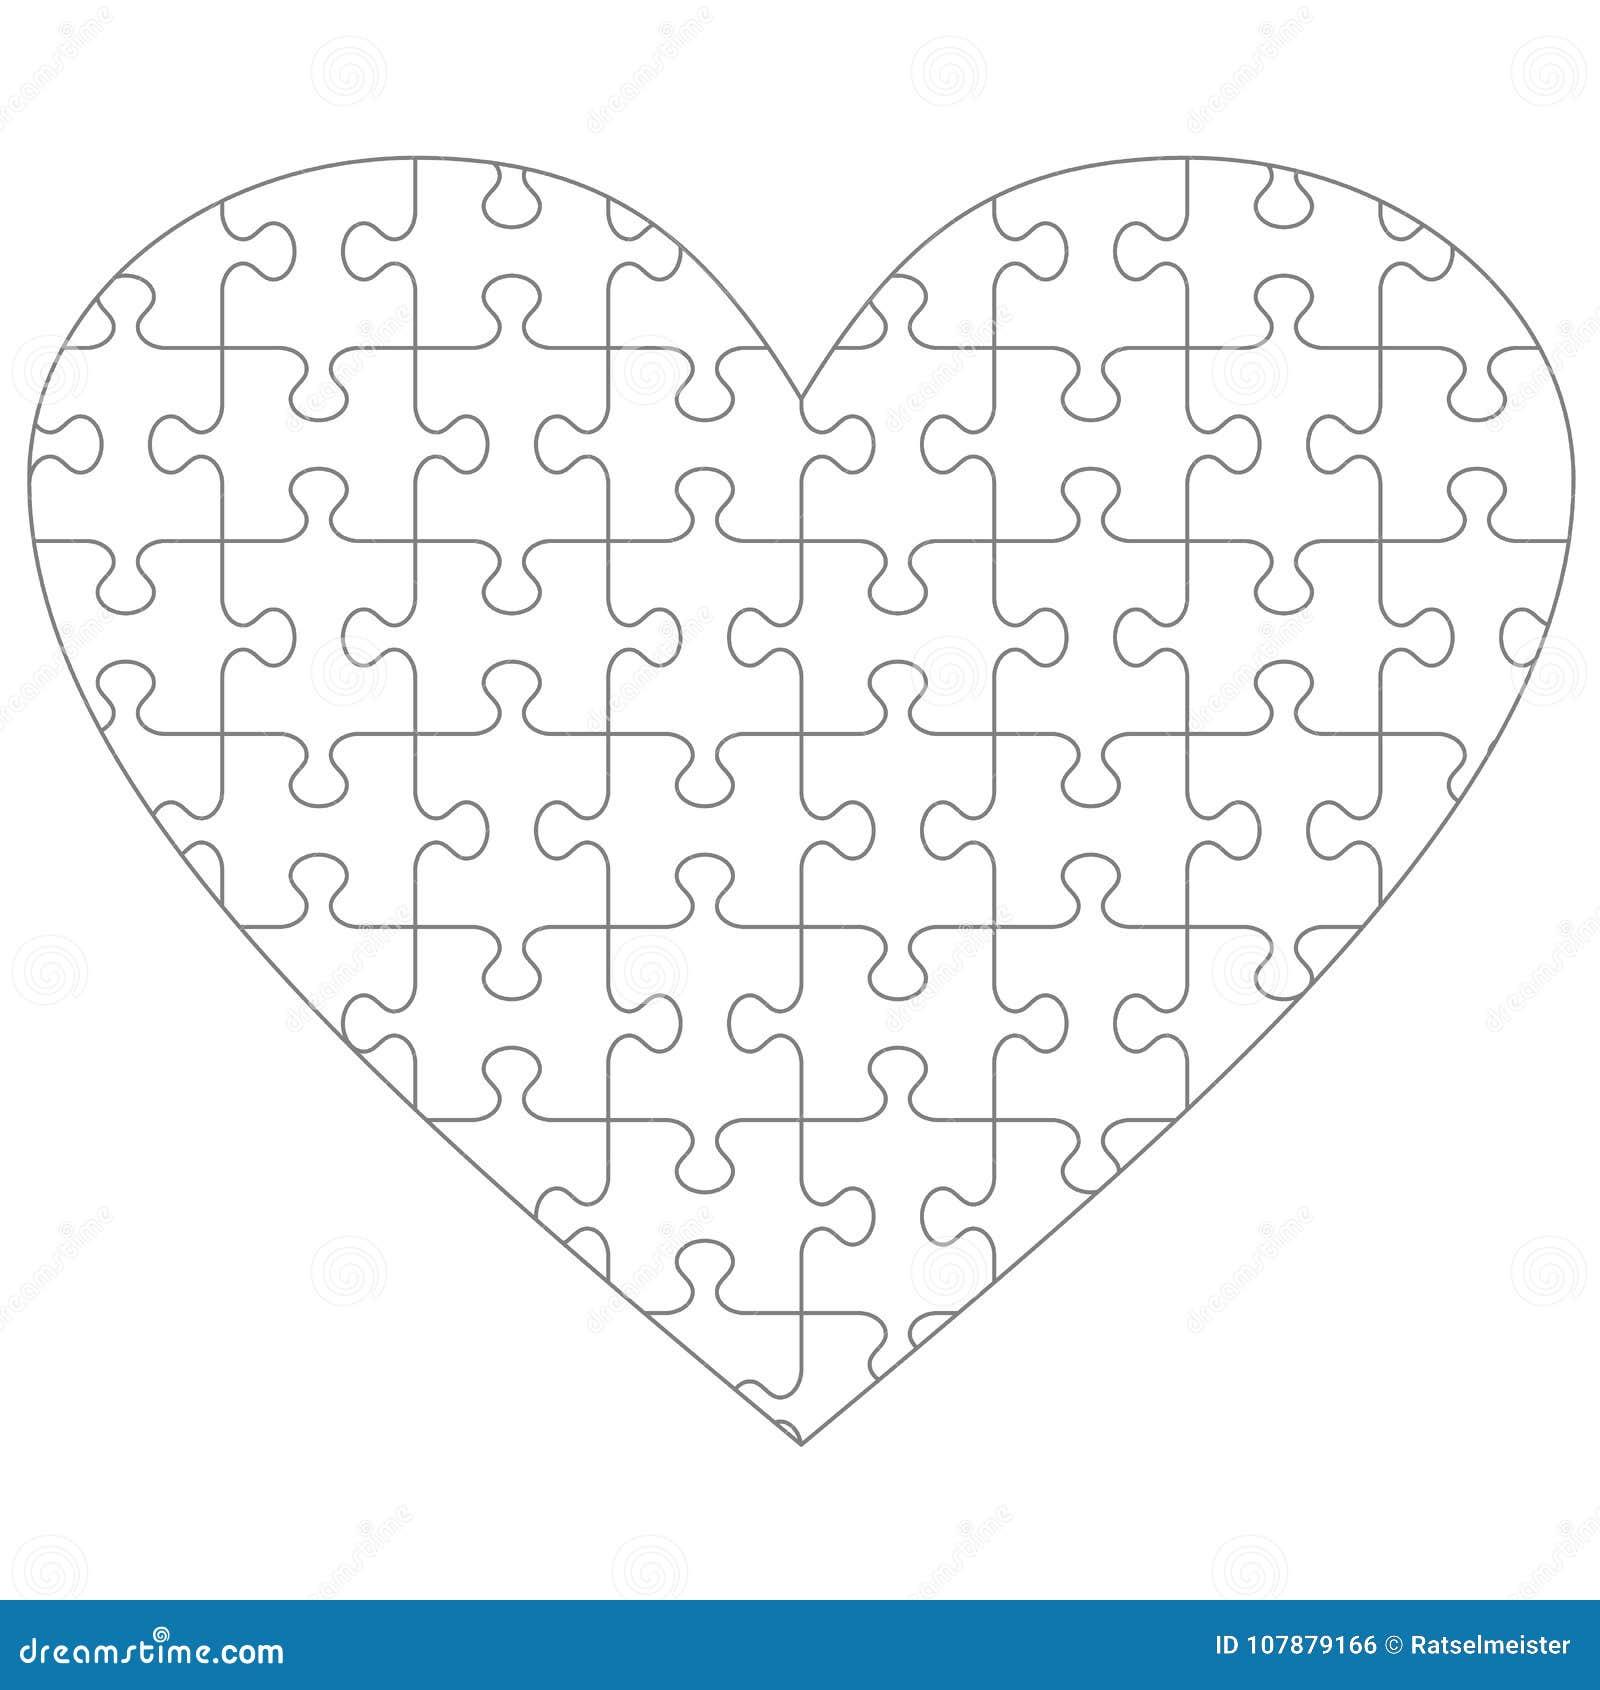 shape puzzle coloring pages - photo#38